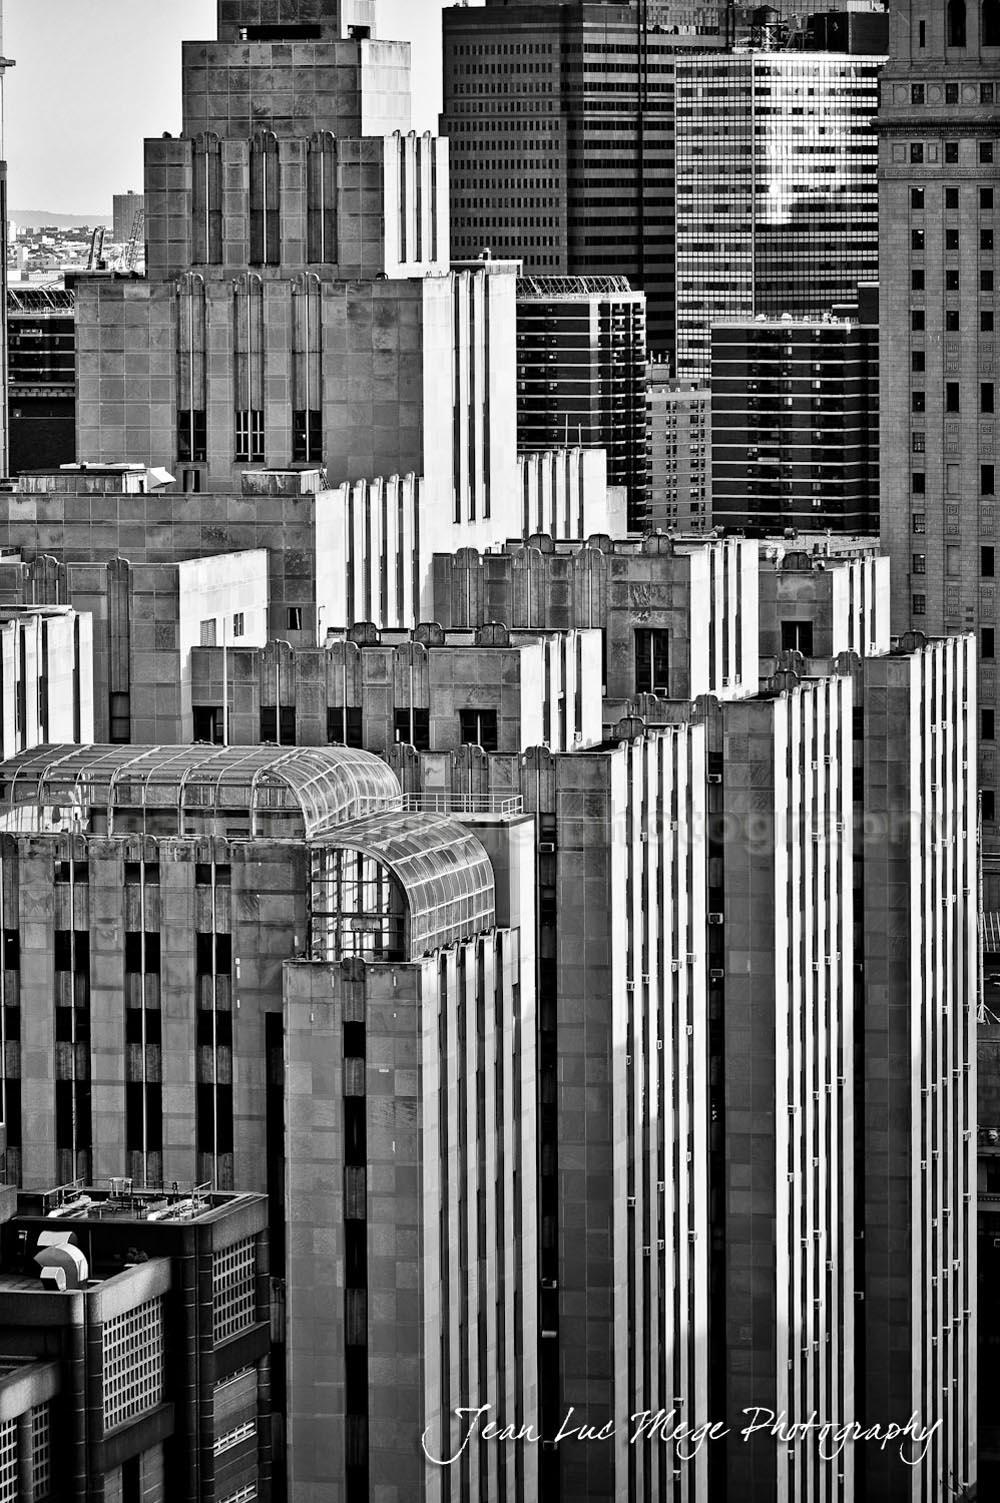 Architecture-jluc-mege004.jpg